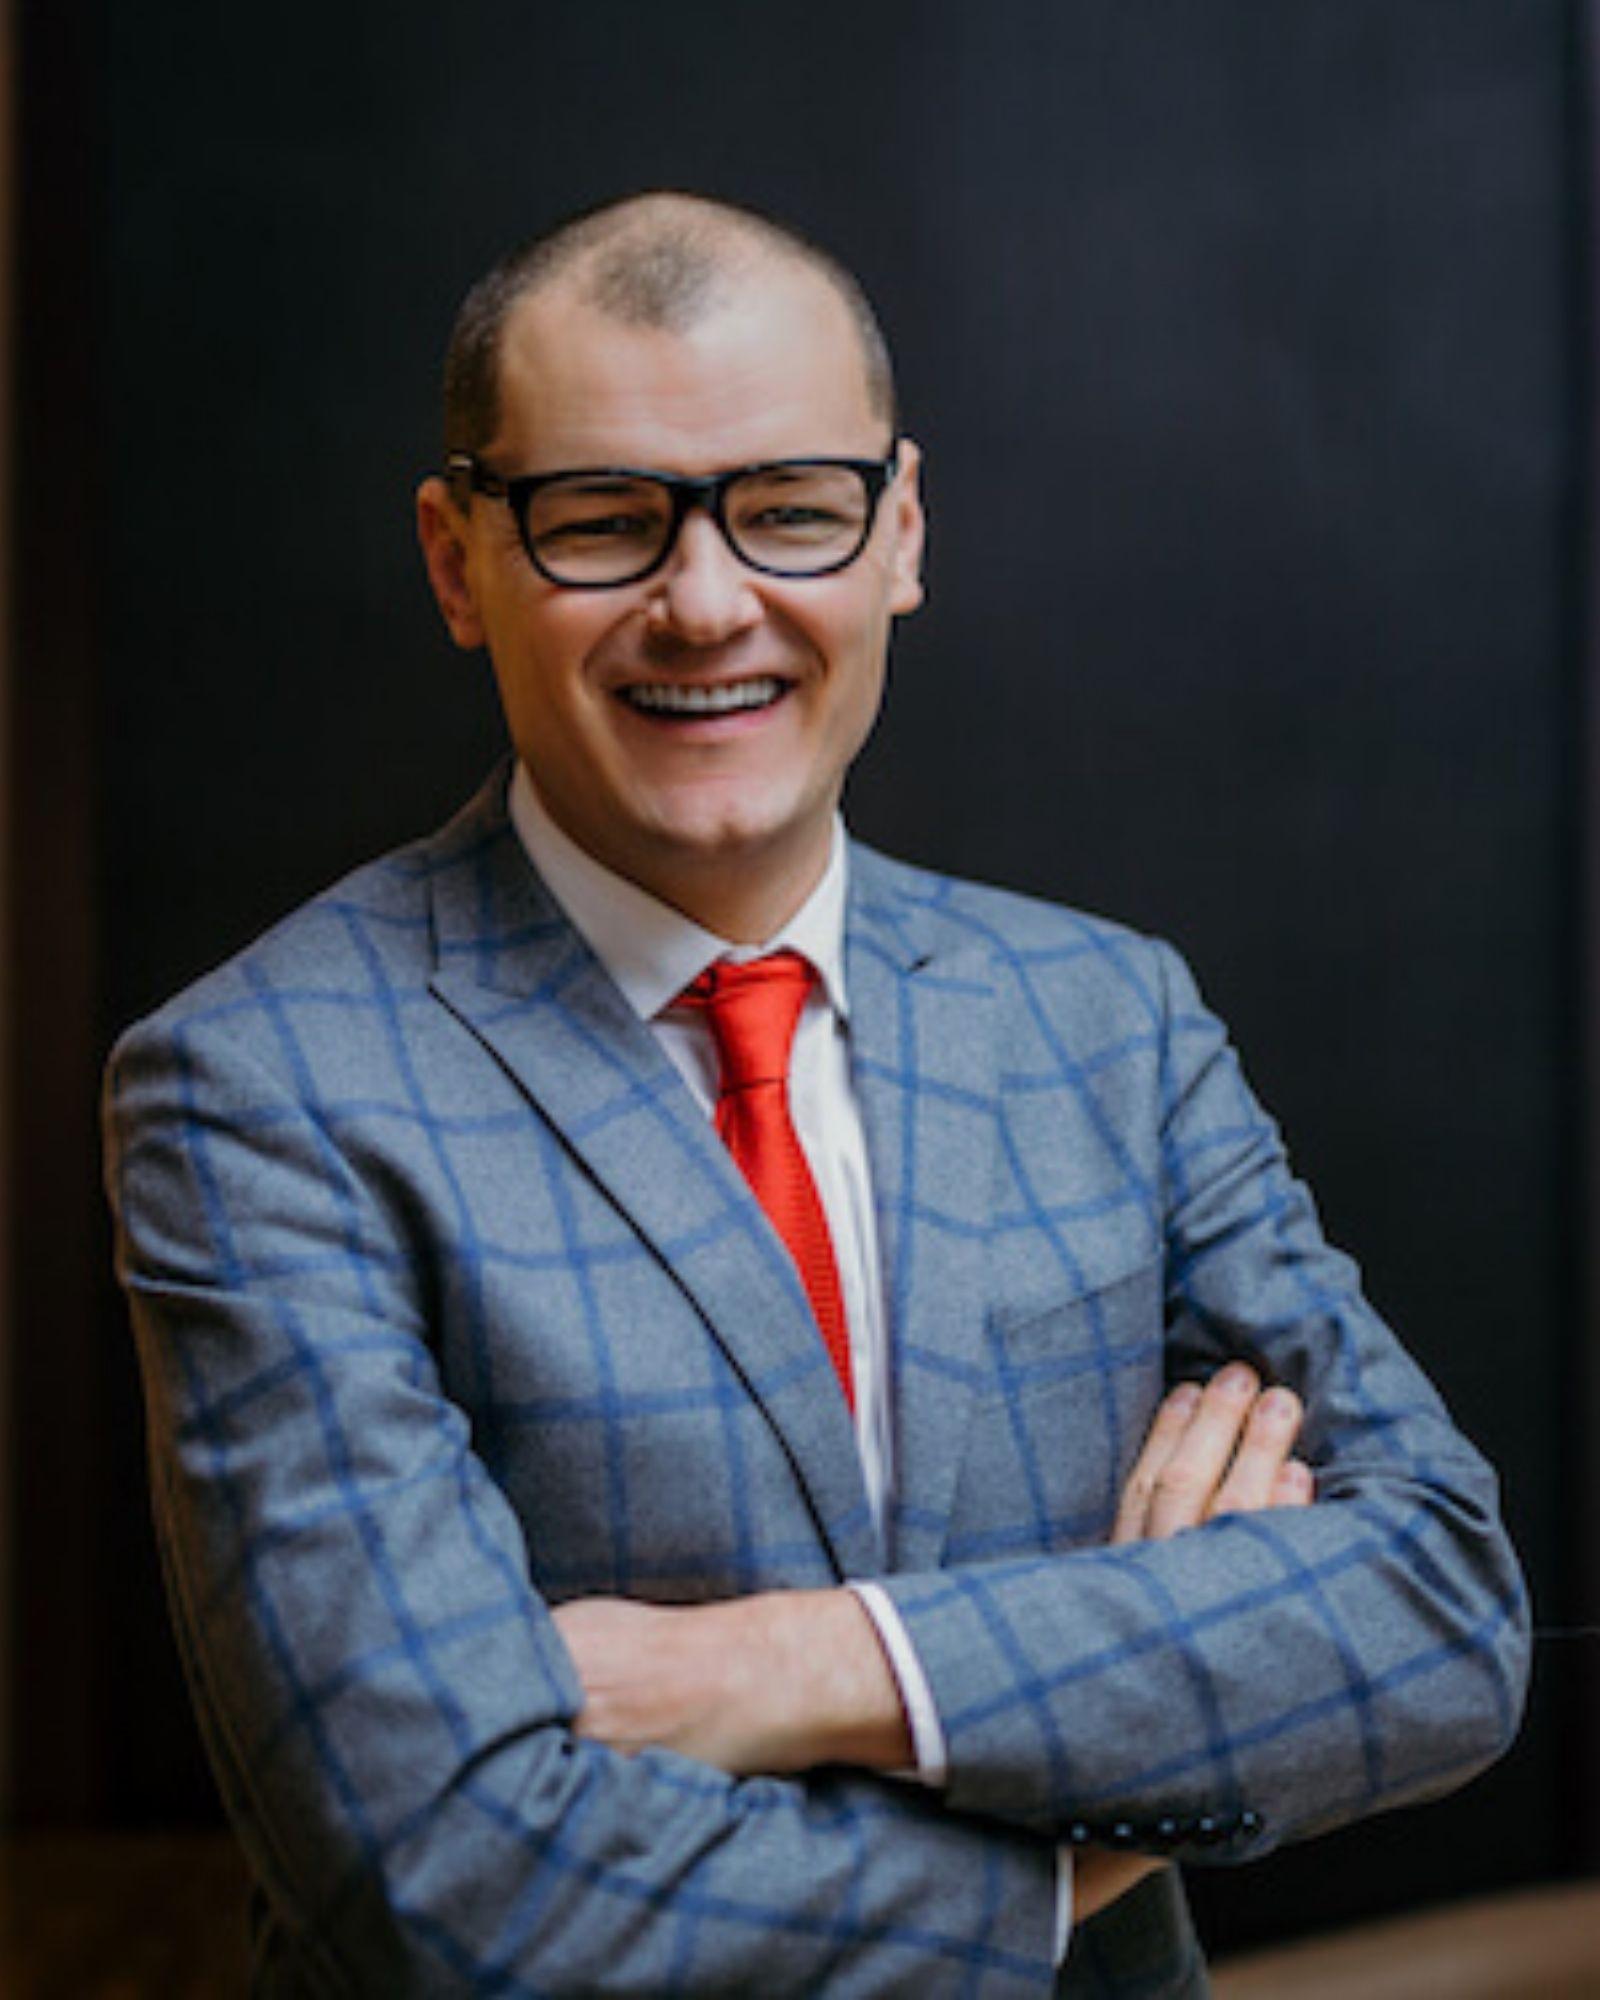 Marek Wzorek